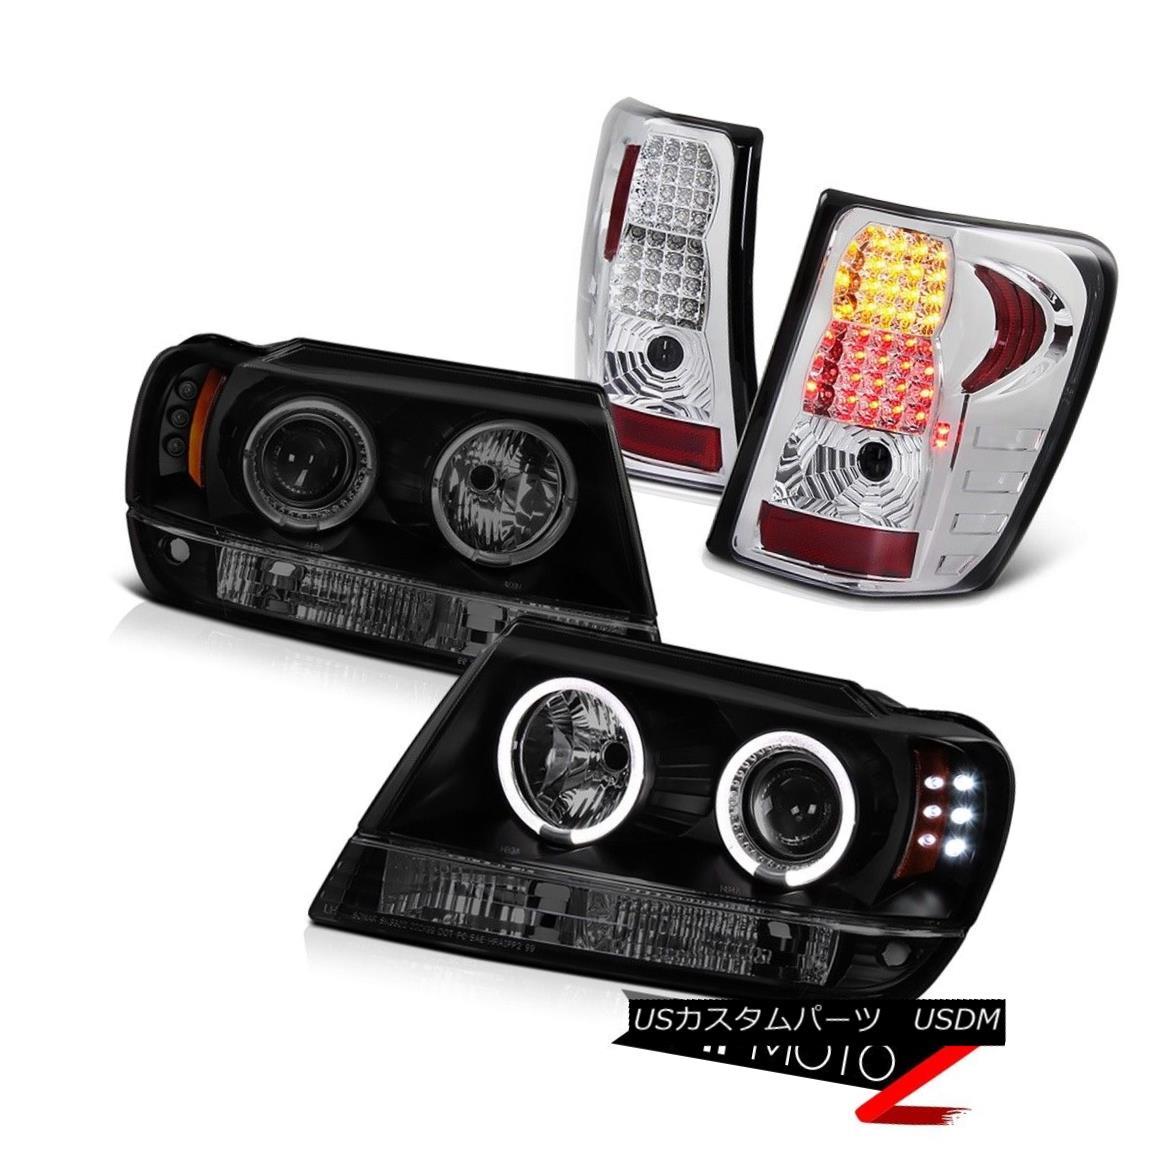 テールライト 1999-2004 Jeep Grand Cherokee Smoke Halo Headlight+Super Bright LED Taillights 1999-2004ジープ・グランド・チェロキー・スモーク・ヘイロー・ヘッドライト+スープ